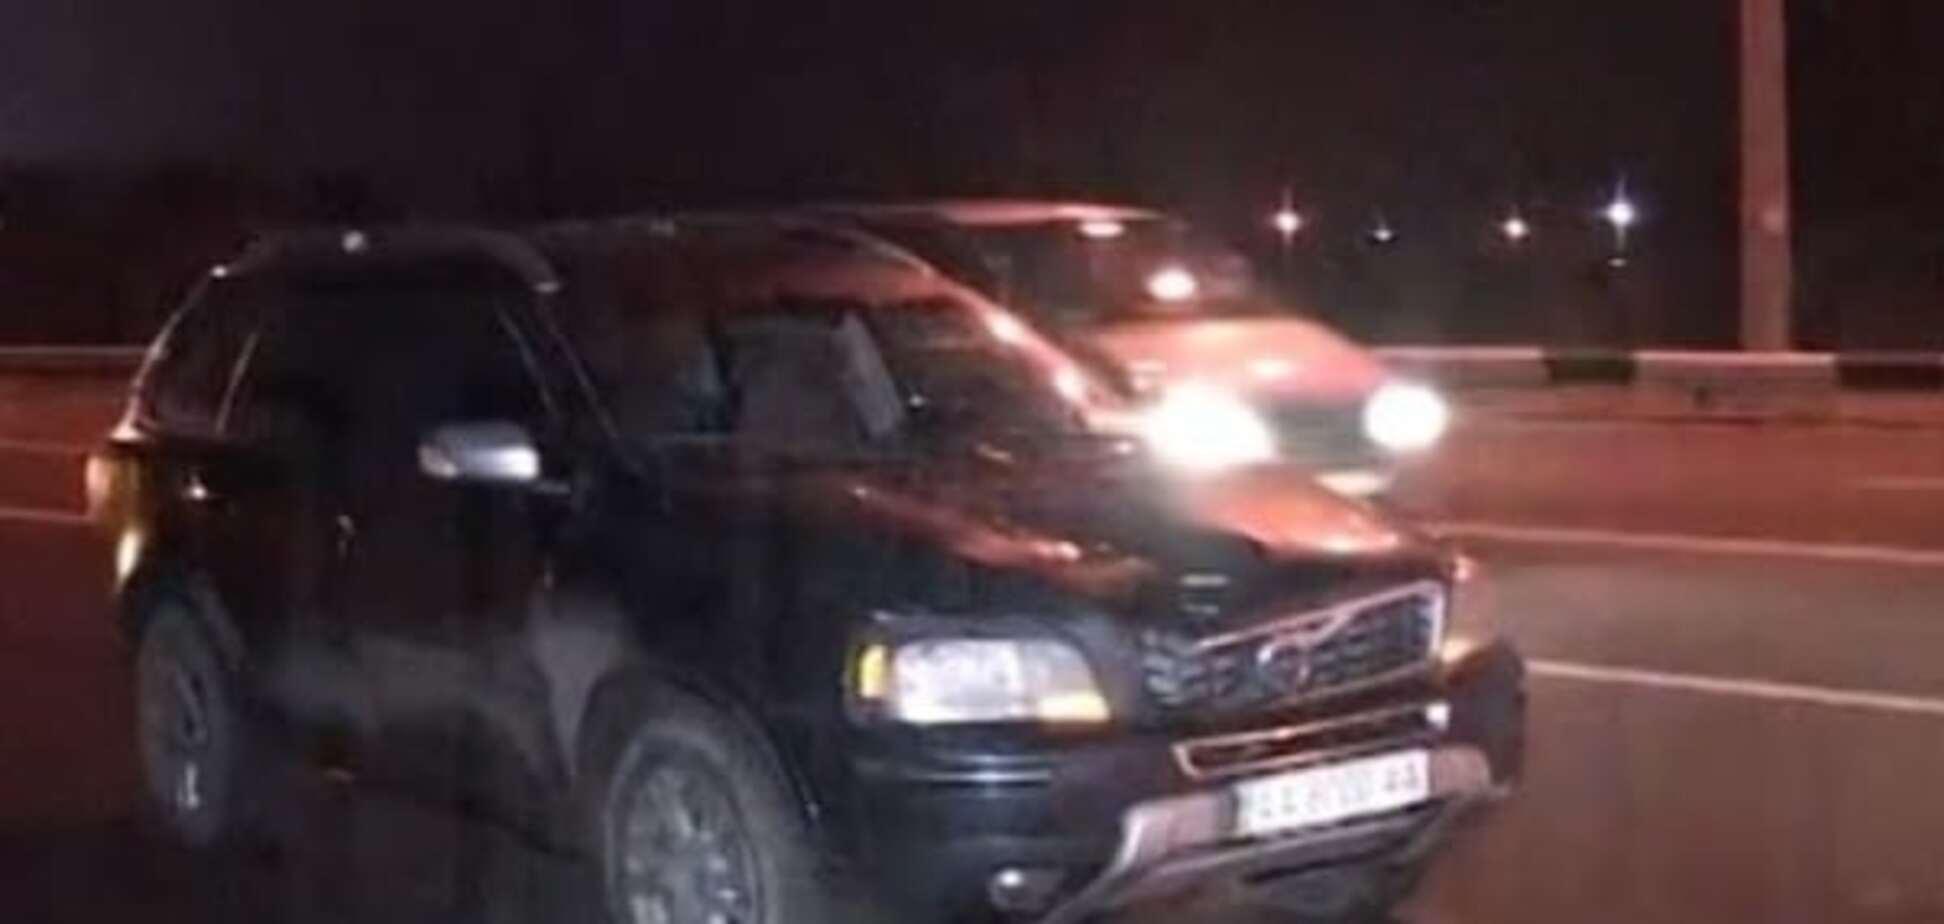 ДТП с авто Омельченко: как закрывают резонансные дела